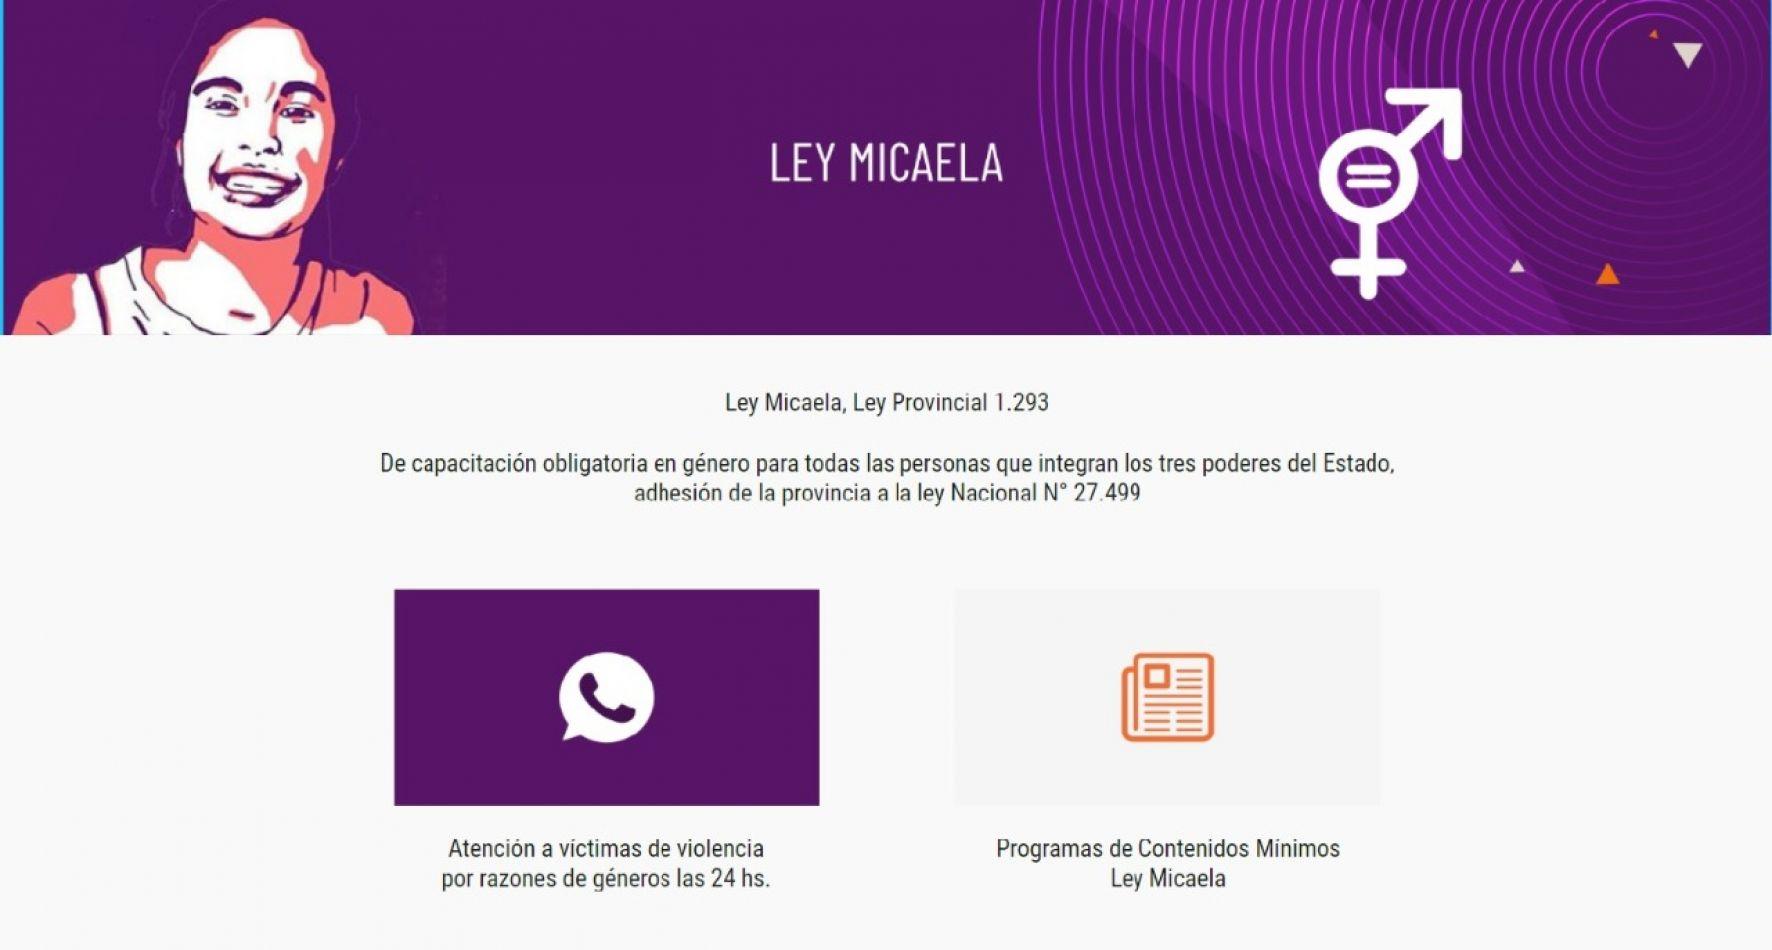 Incorporación de un enlace web para atención las 24 horas a victimas de violencia de género